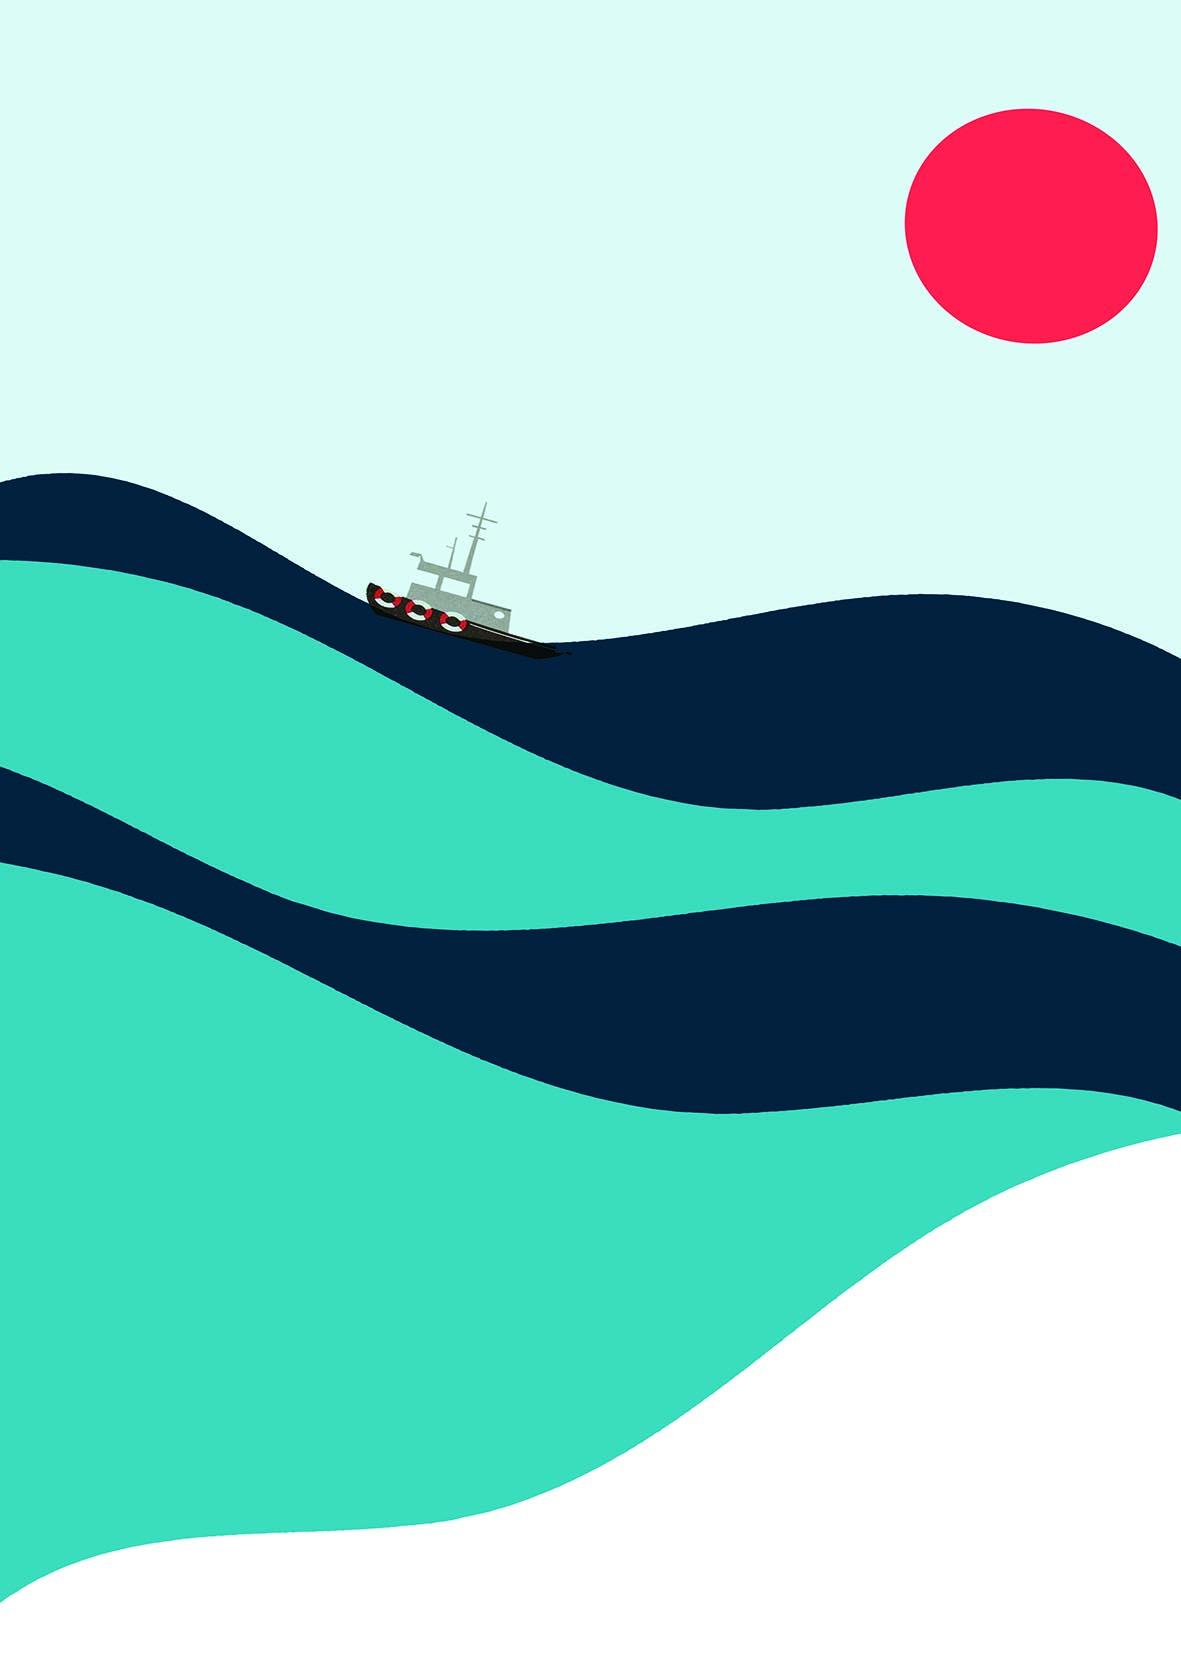 bateau ivfre